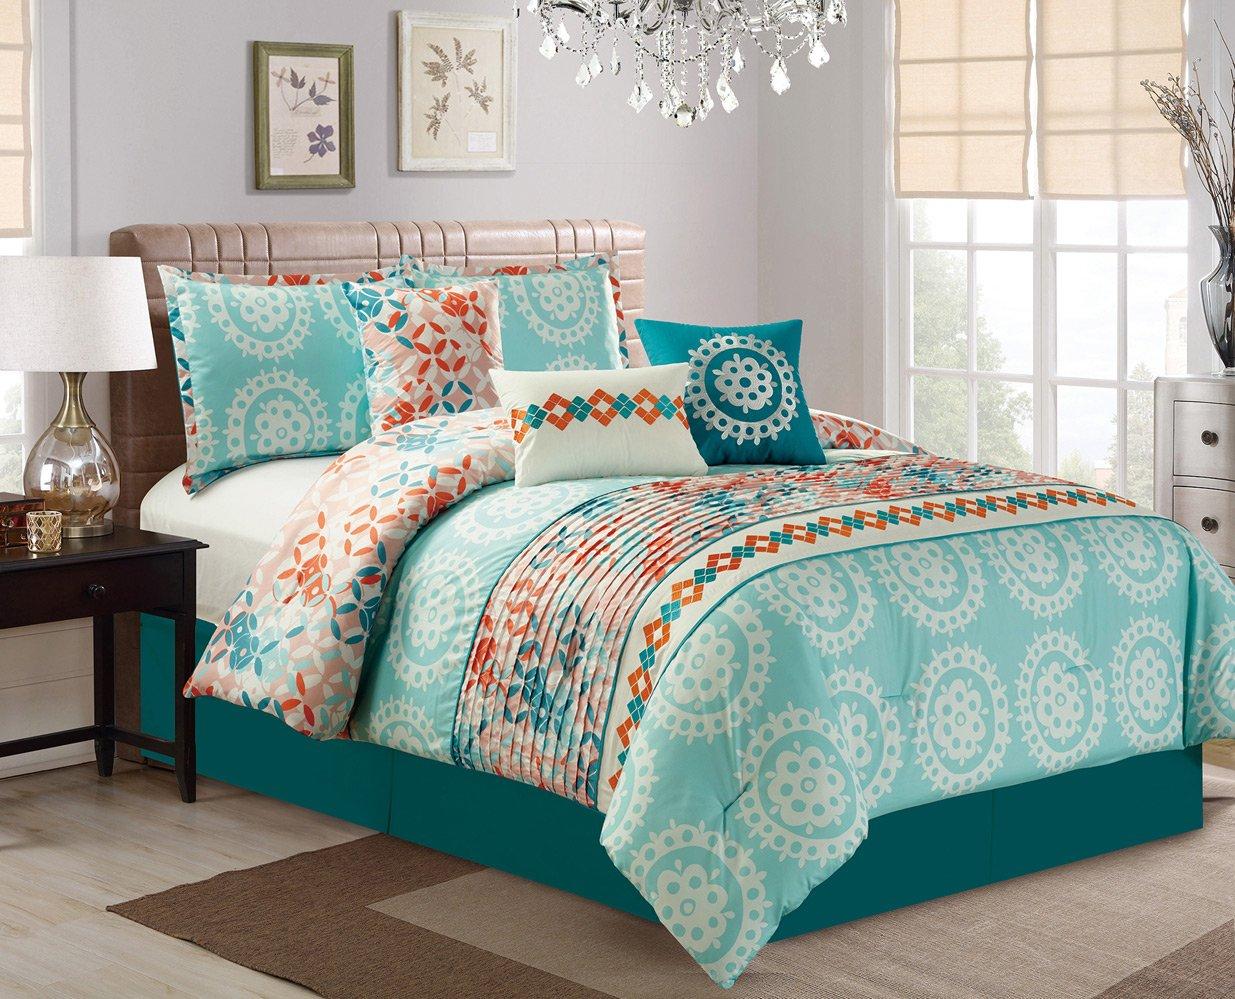 刺繍入り寝具 モダンなピンタック入り掛け布団セット ツイン クイーン キング カリフォルニアキング アクアブルーとターコイズとオレンジのカーテン ツイン レッド B06XWYP9ZL ツイン ツイン